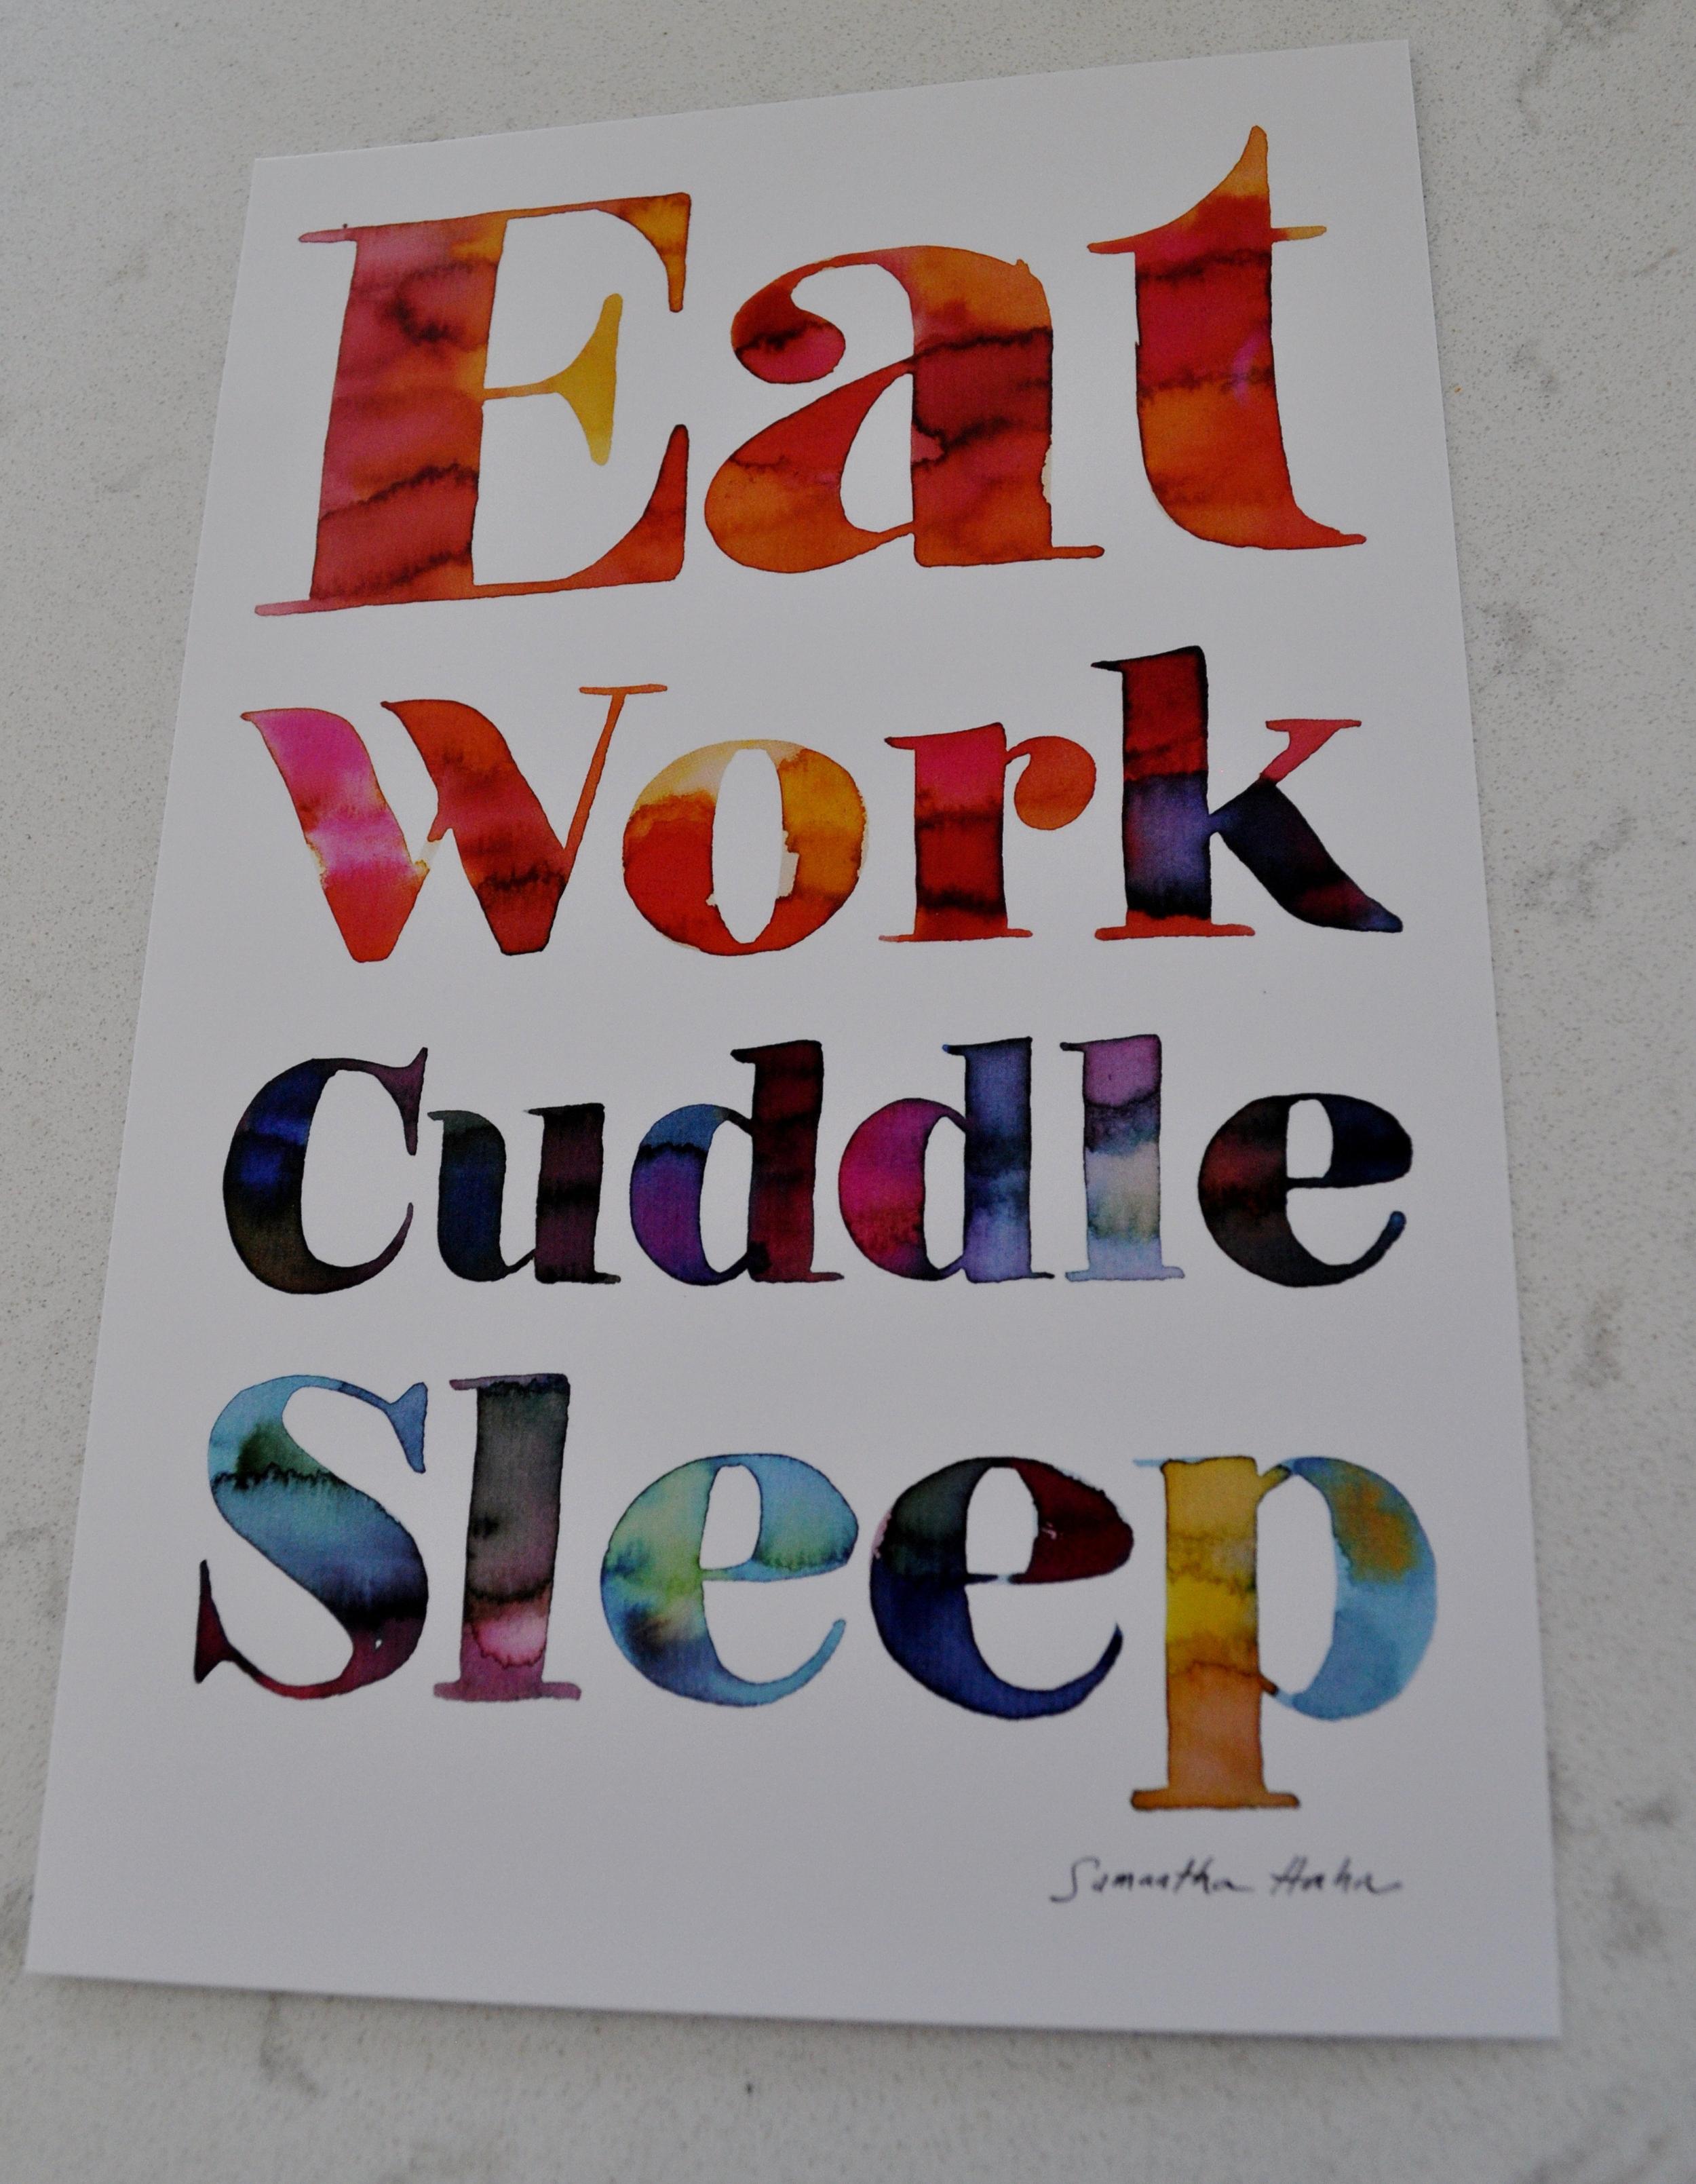 Eat Work Cuddle Sleep Print